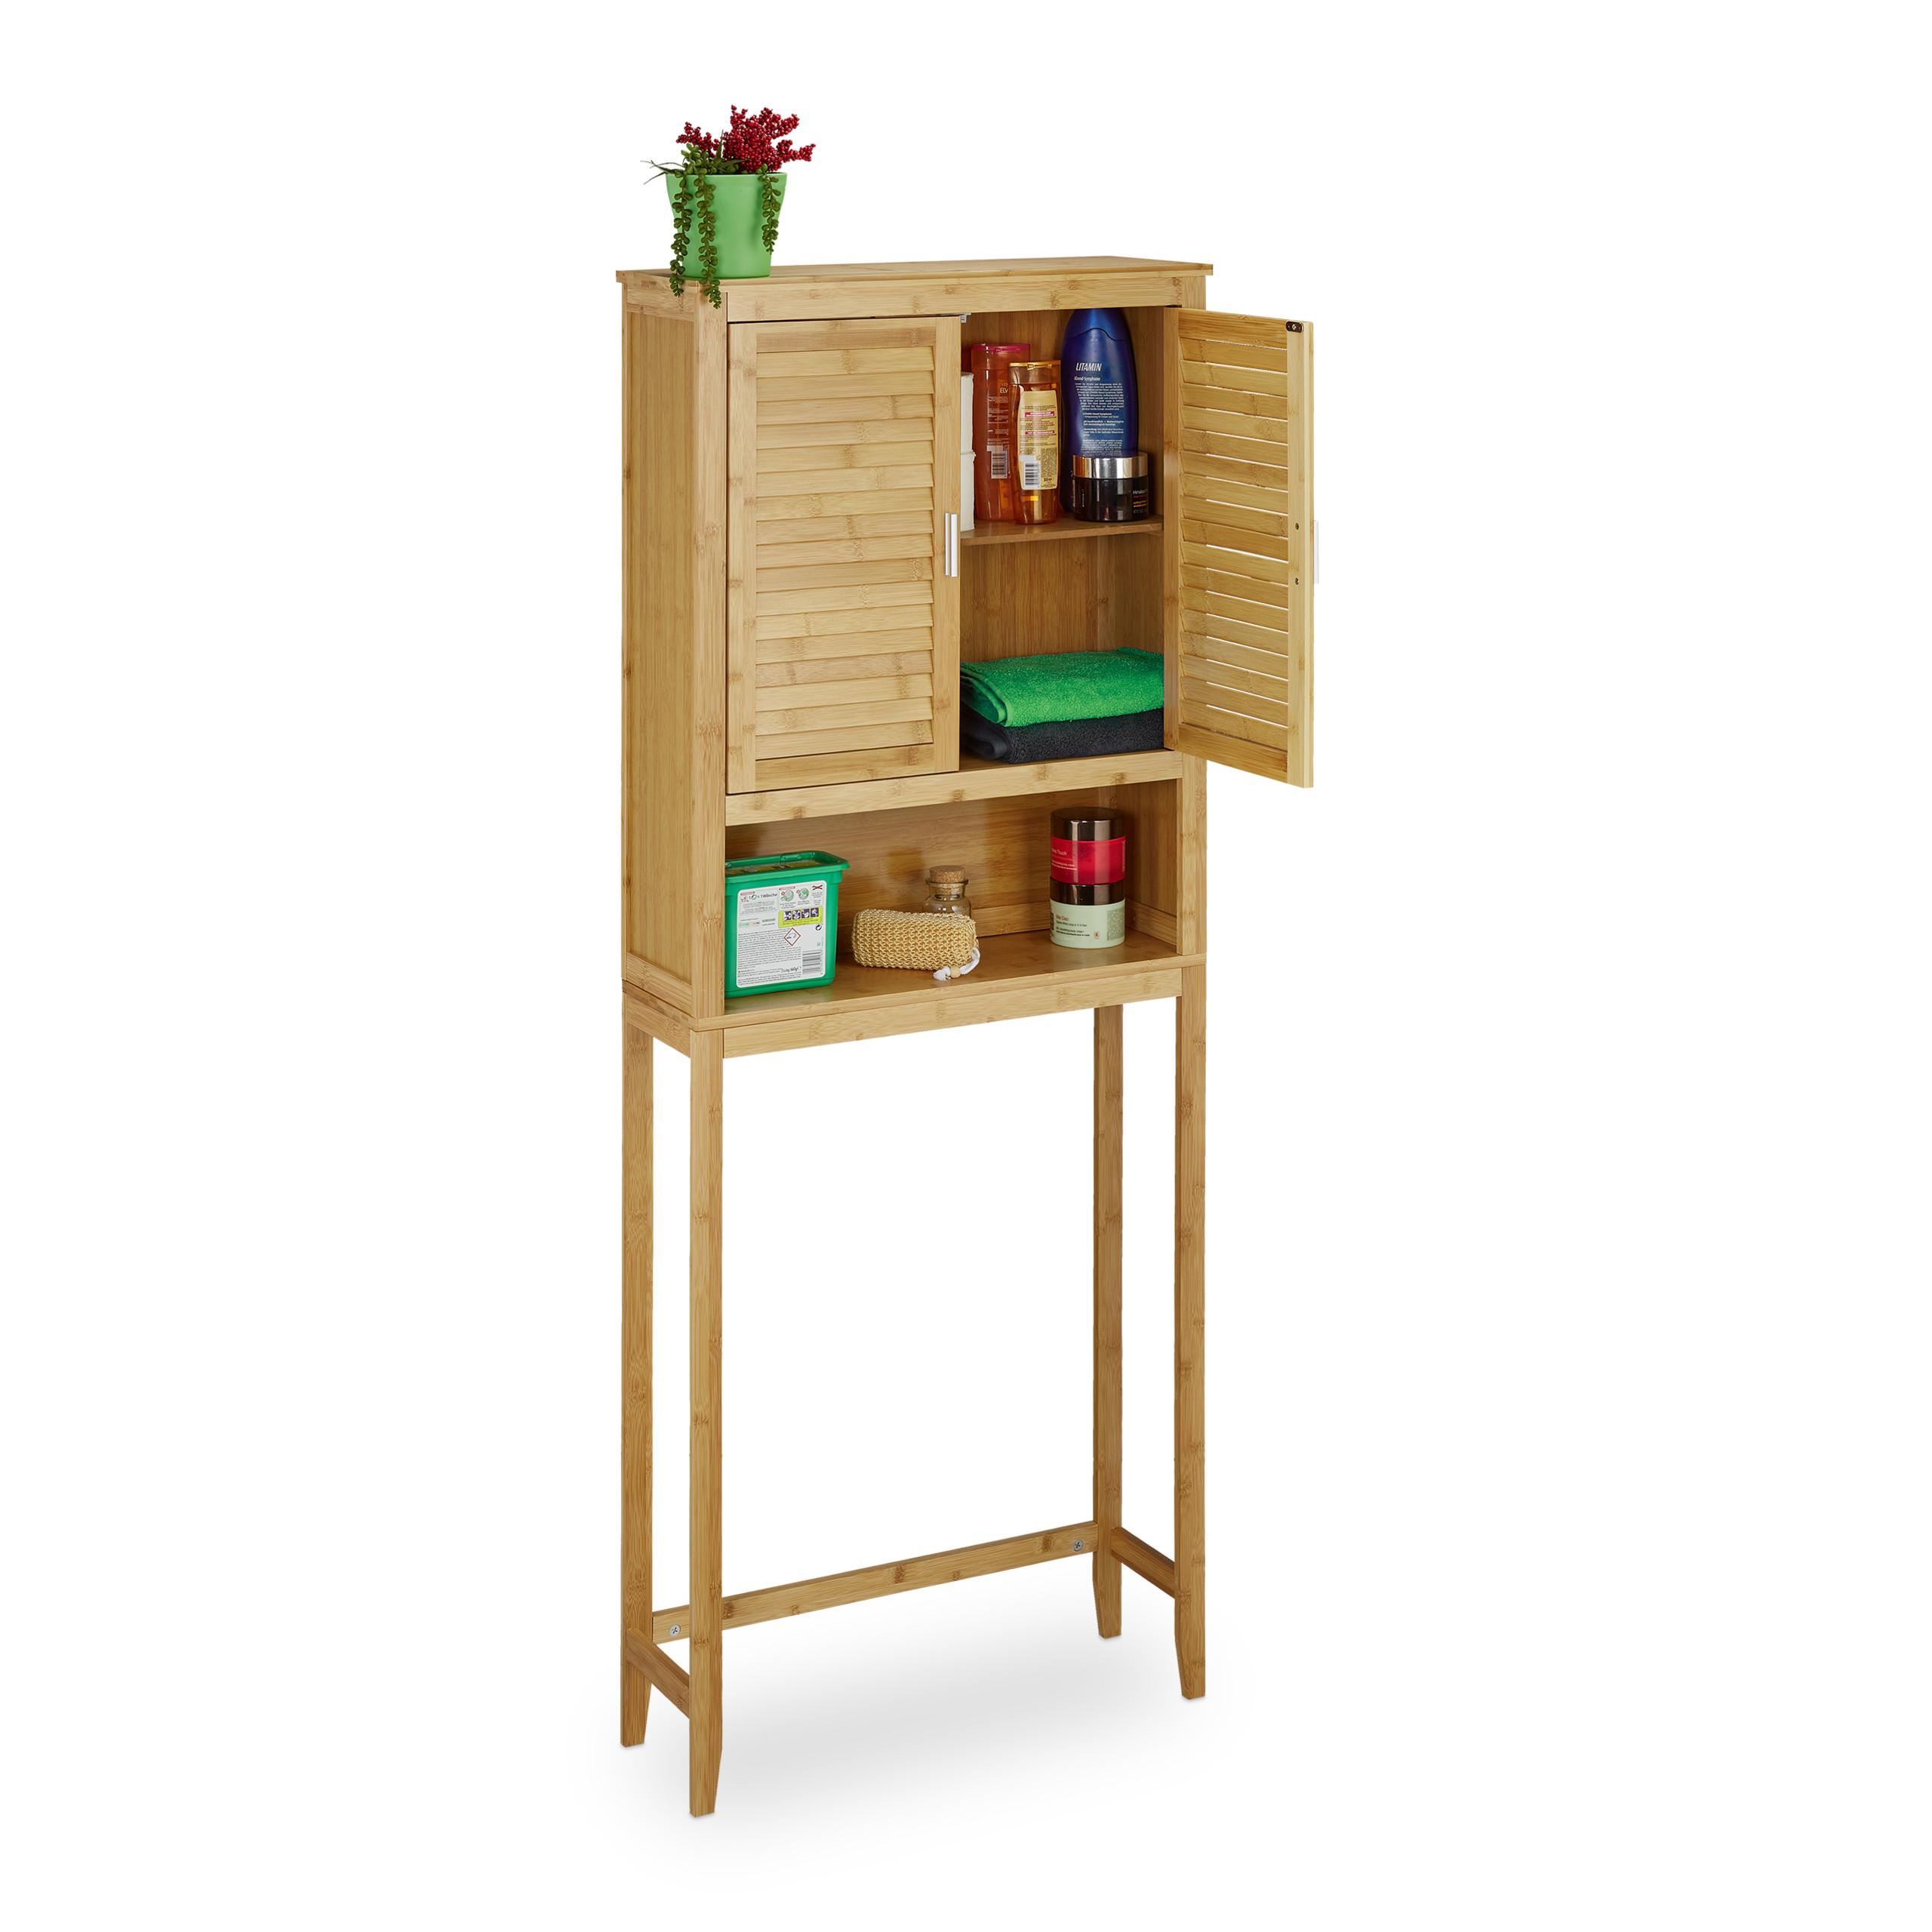 Mobile per lavatrice modello LAMELL, ideale per bagno, in legno di bambu´